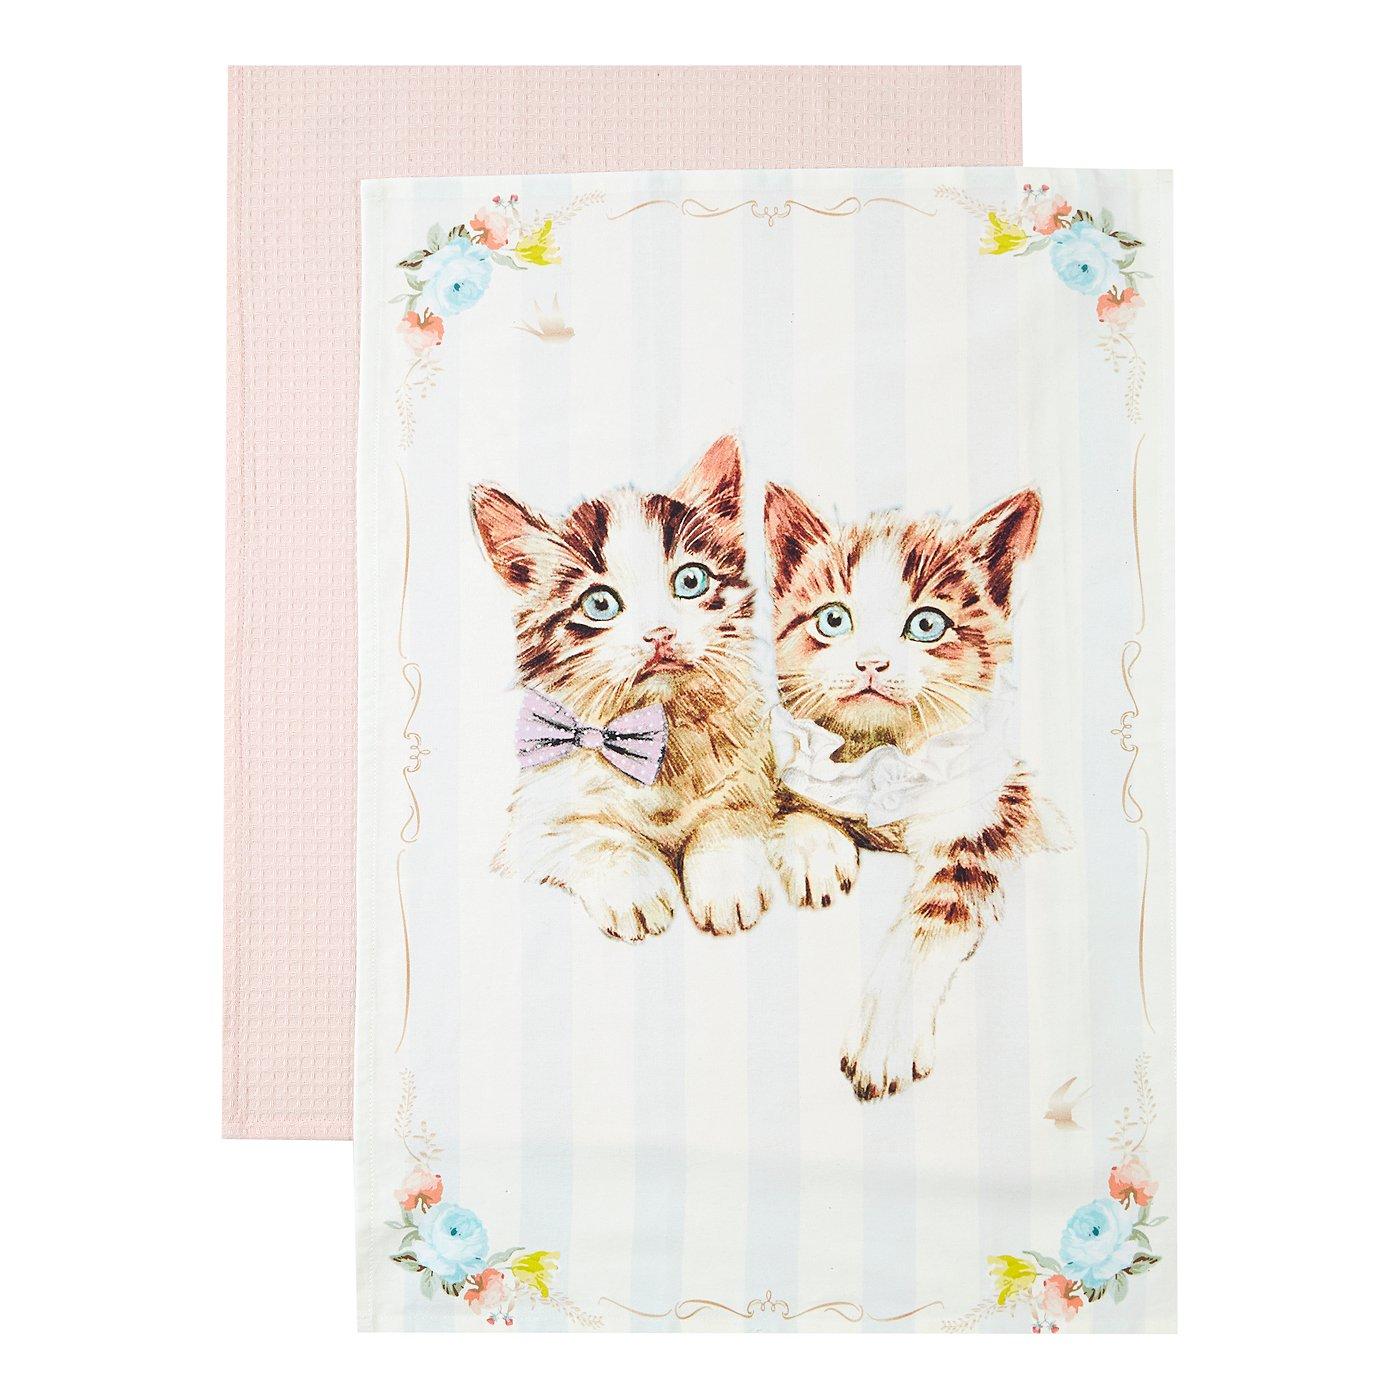 George Home Cats Kitchen Accessories Range | Utensils & Accessories ...